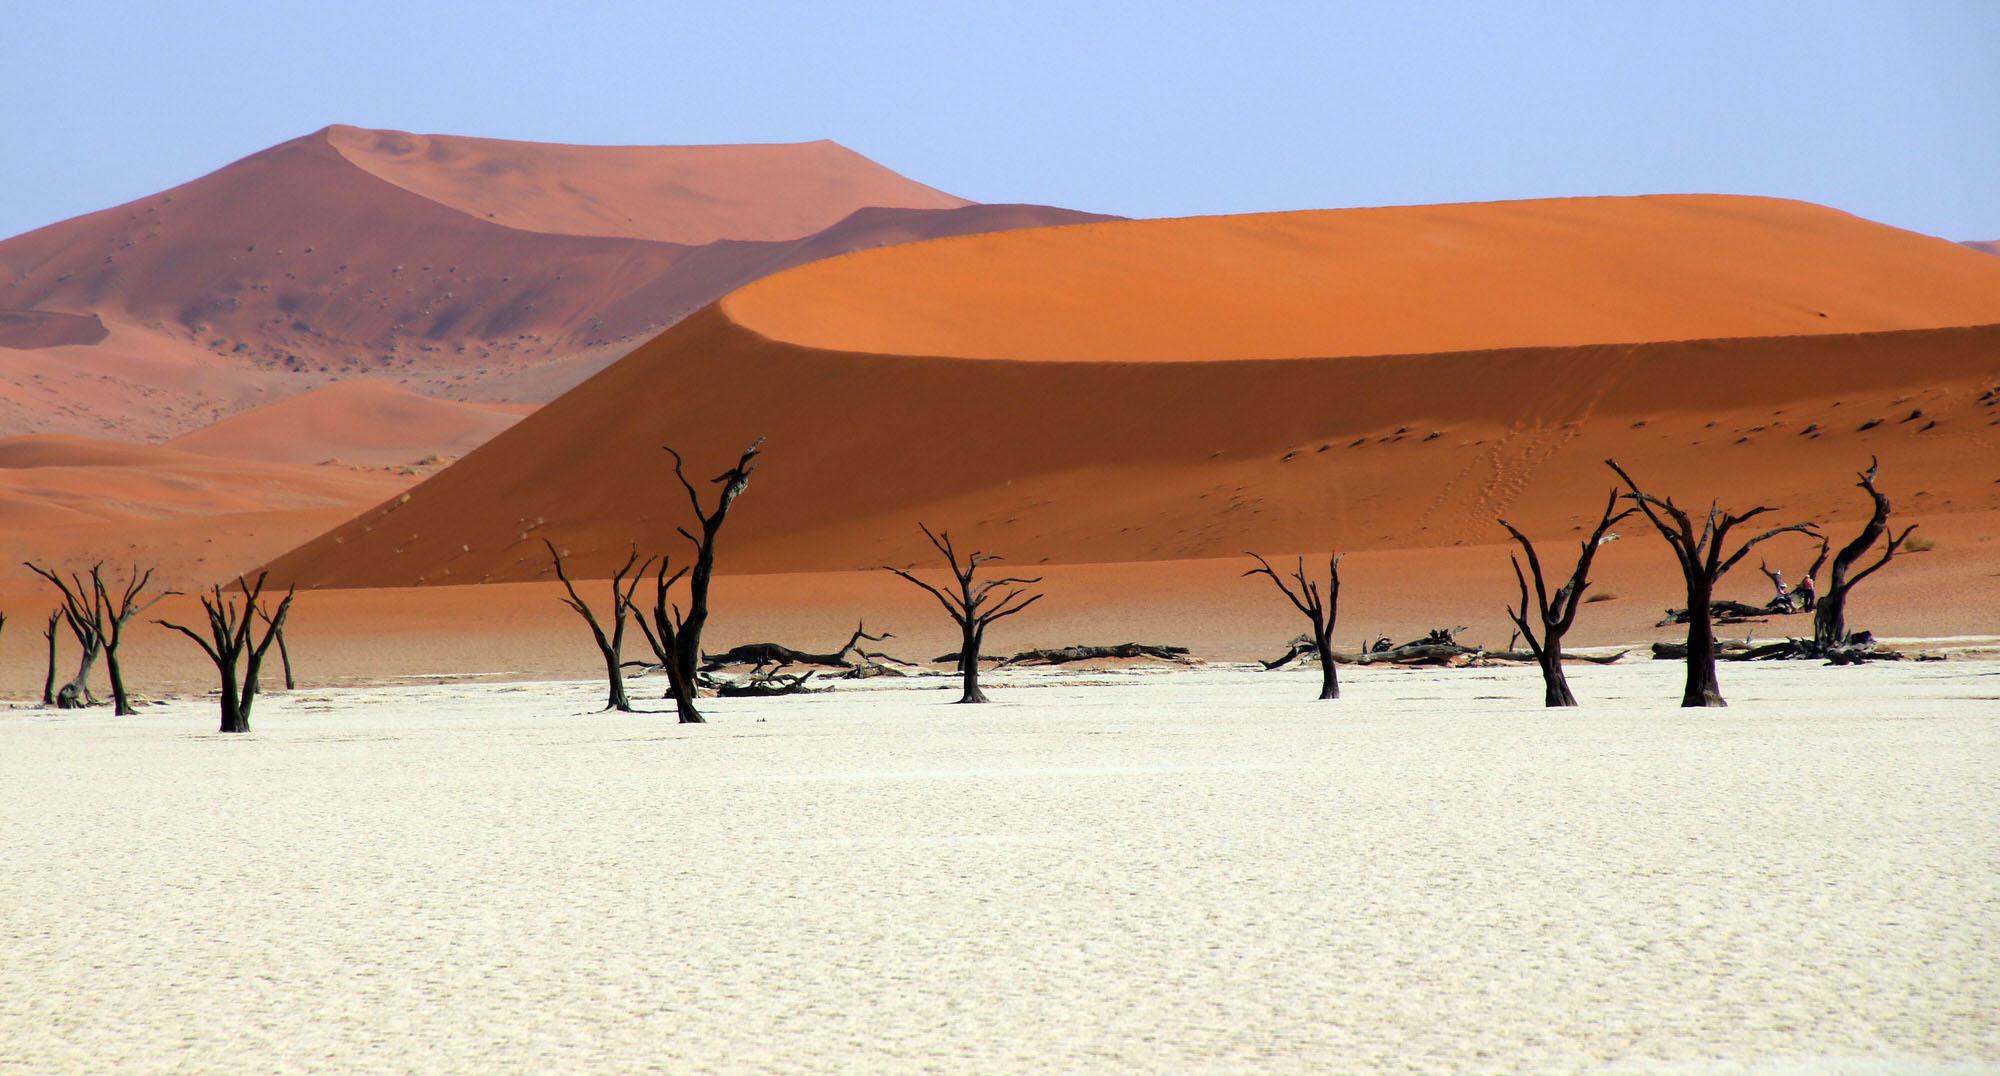 枯れ木の多いナミブ砂漠